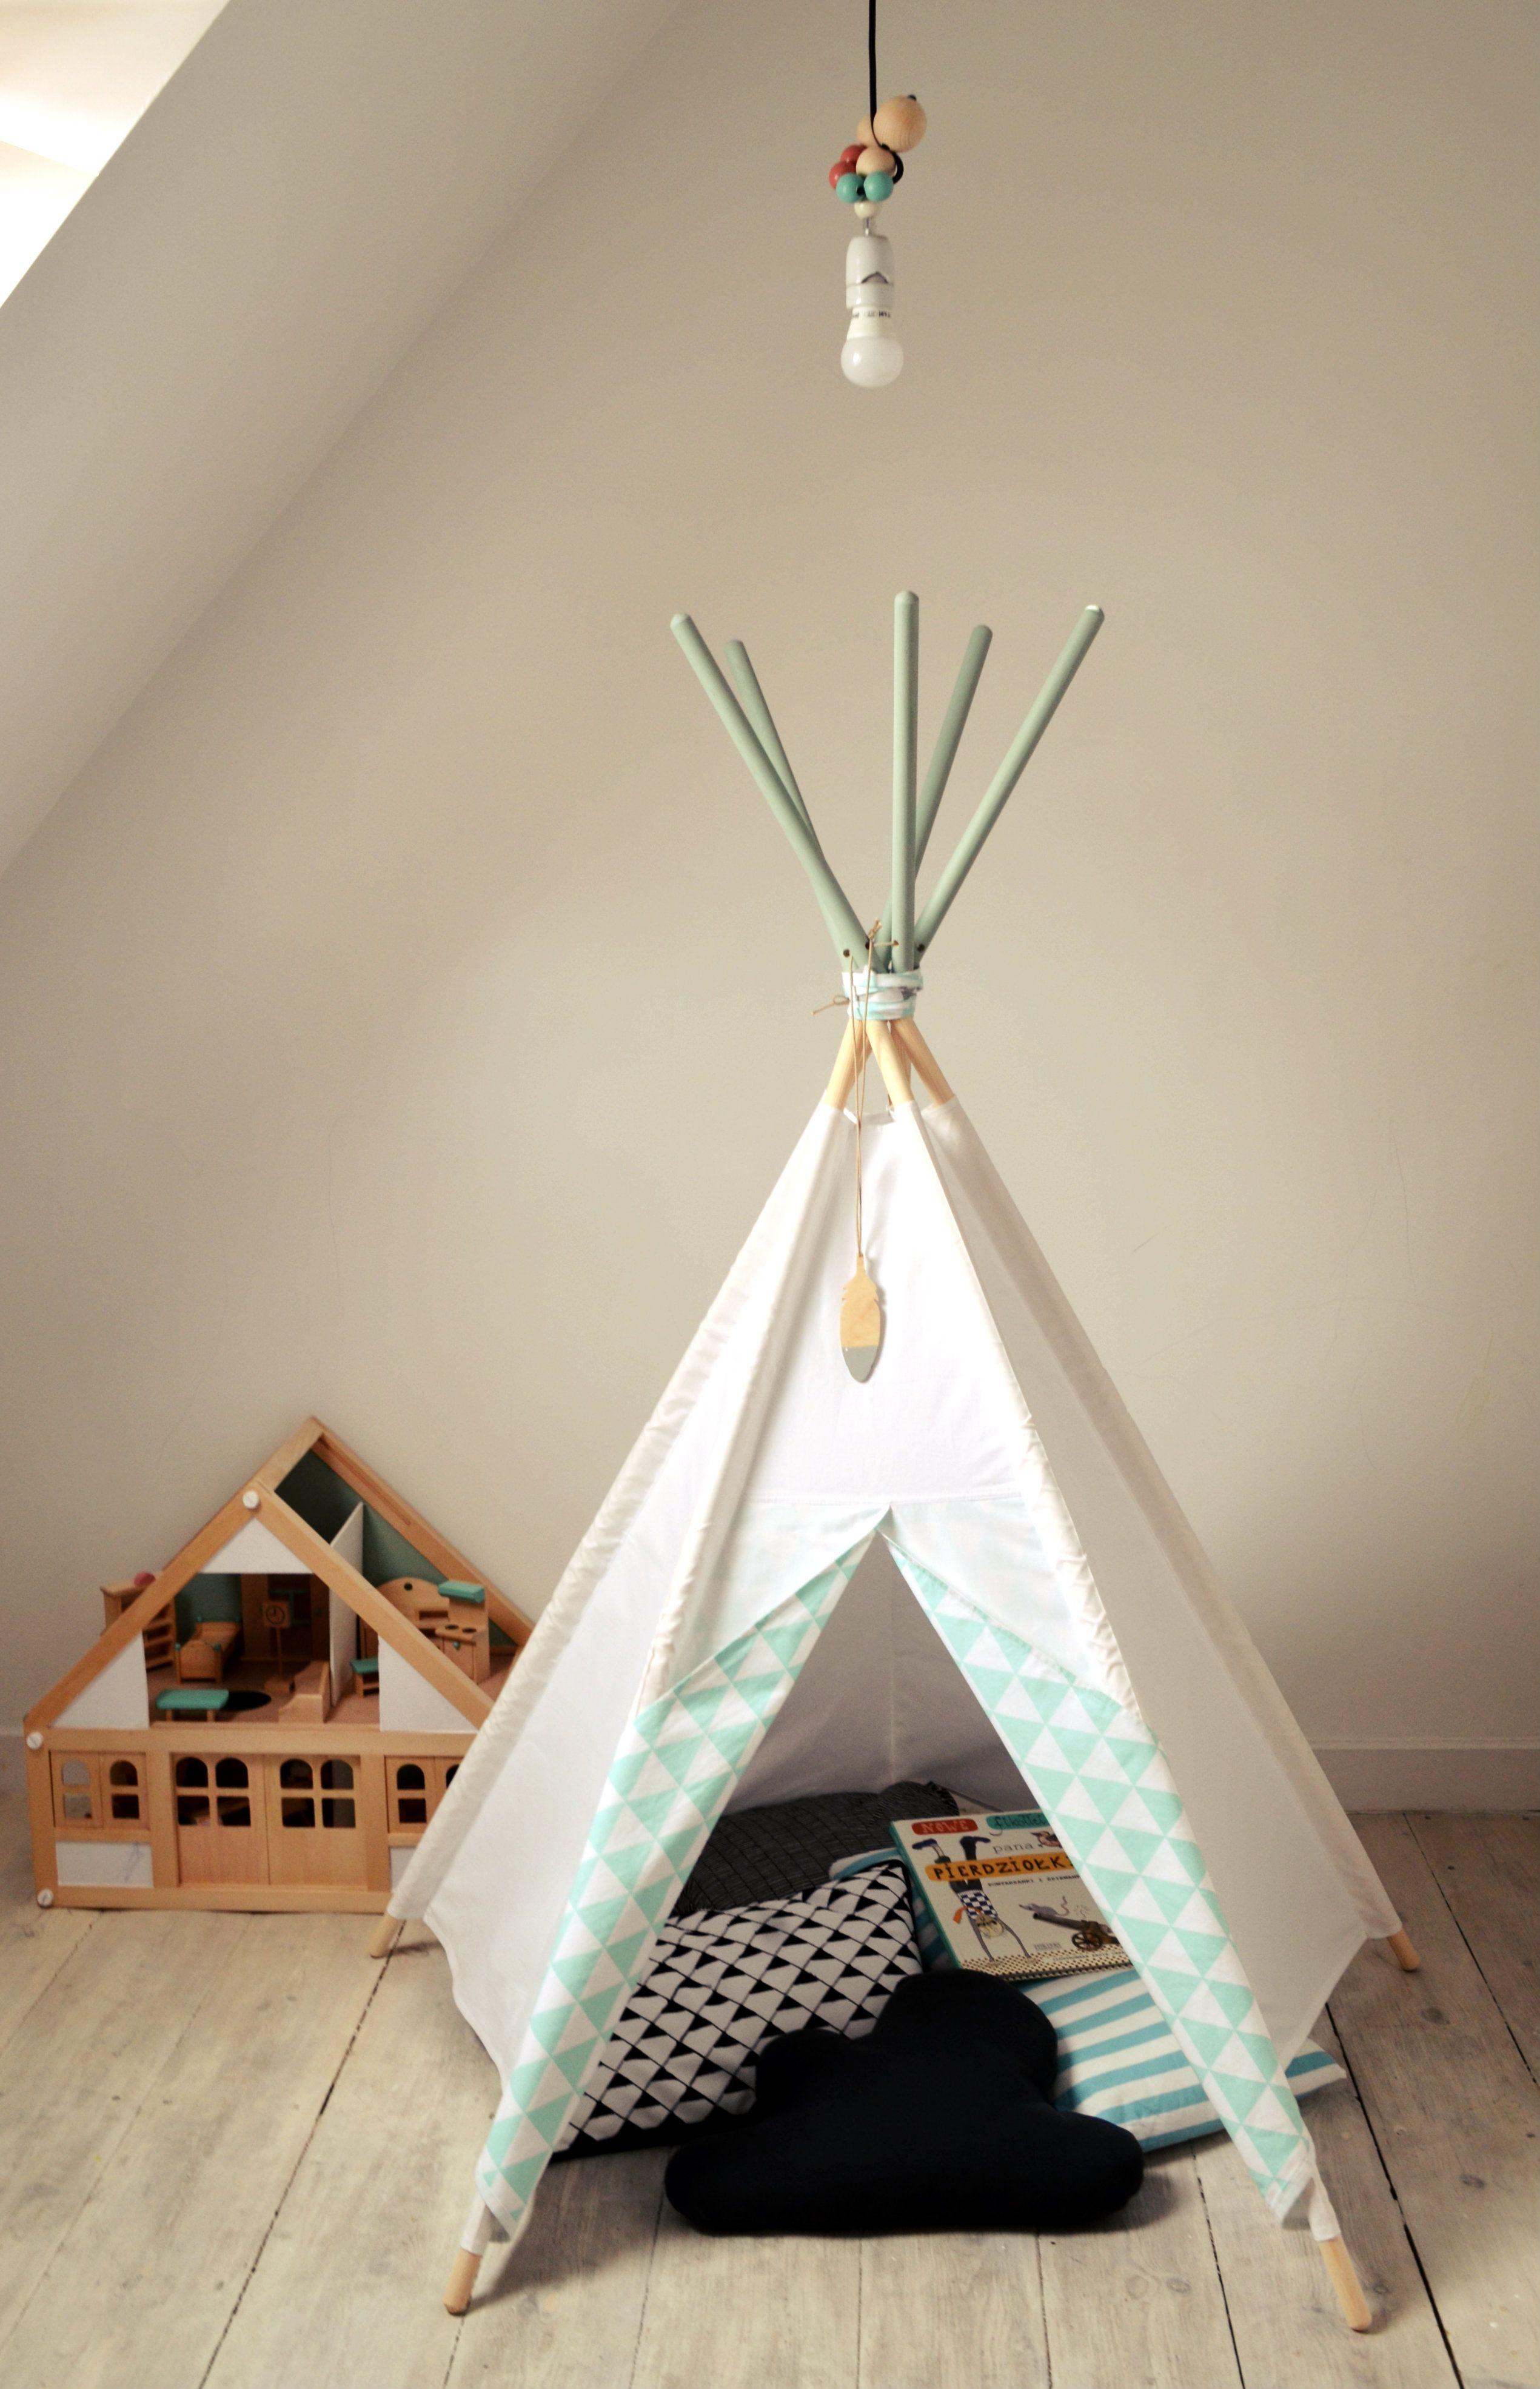 littlenomad teepee tipi wigwam play tent handmade white gray kidsroom //. & littlenomad teepee tipi wigwam play tent handmade white gray ...